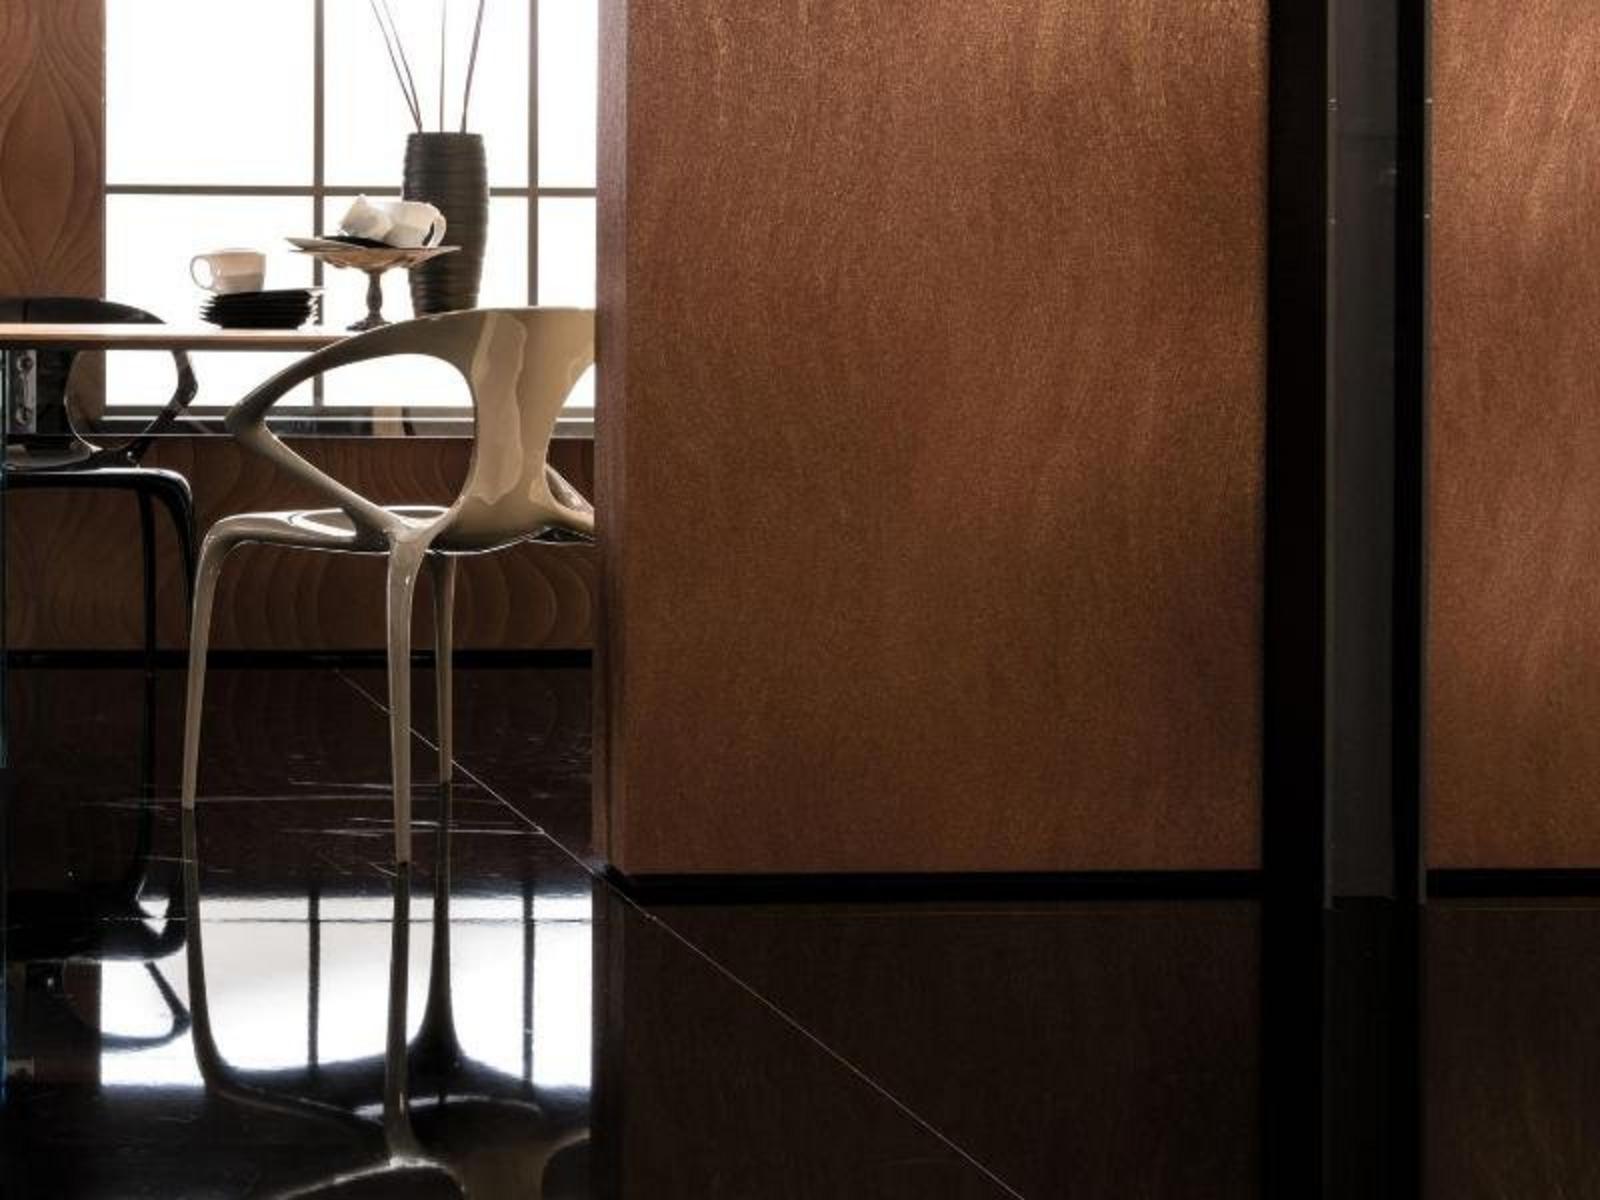 Full Size of Tapeten Ideen Bad Renovieren Wohnzimmer Für Die Küche Fototapeten Schlafzimmer Wohnzimmer Tapeten Ideen